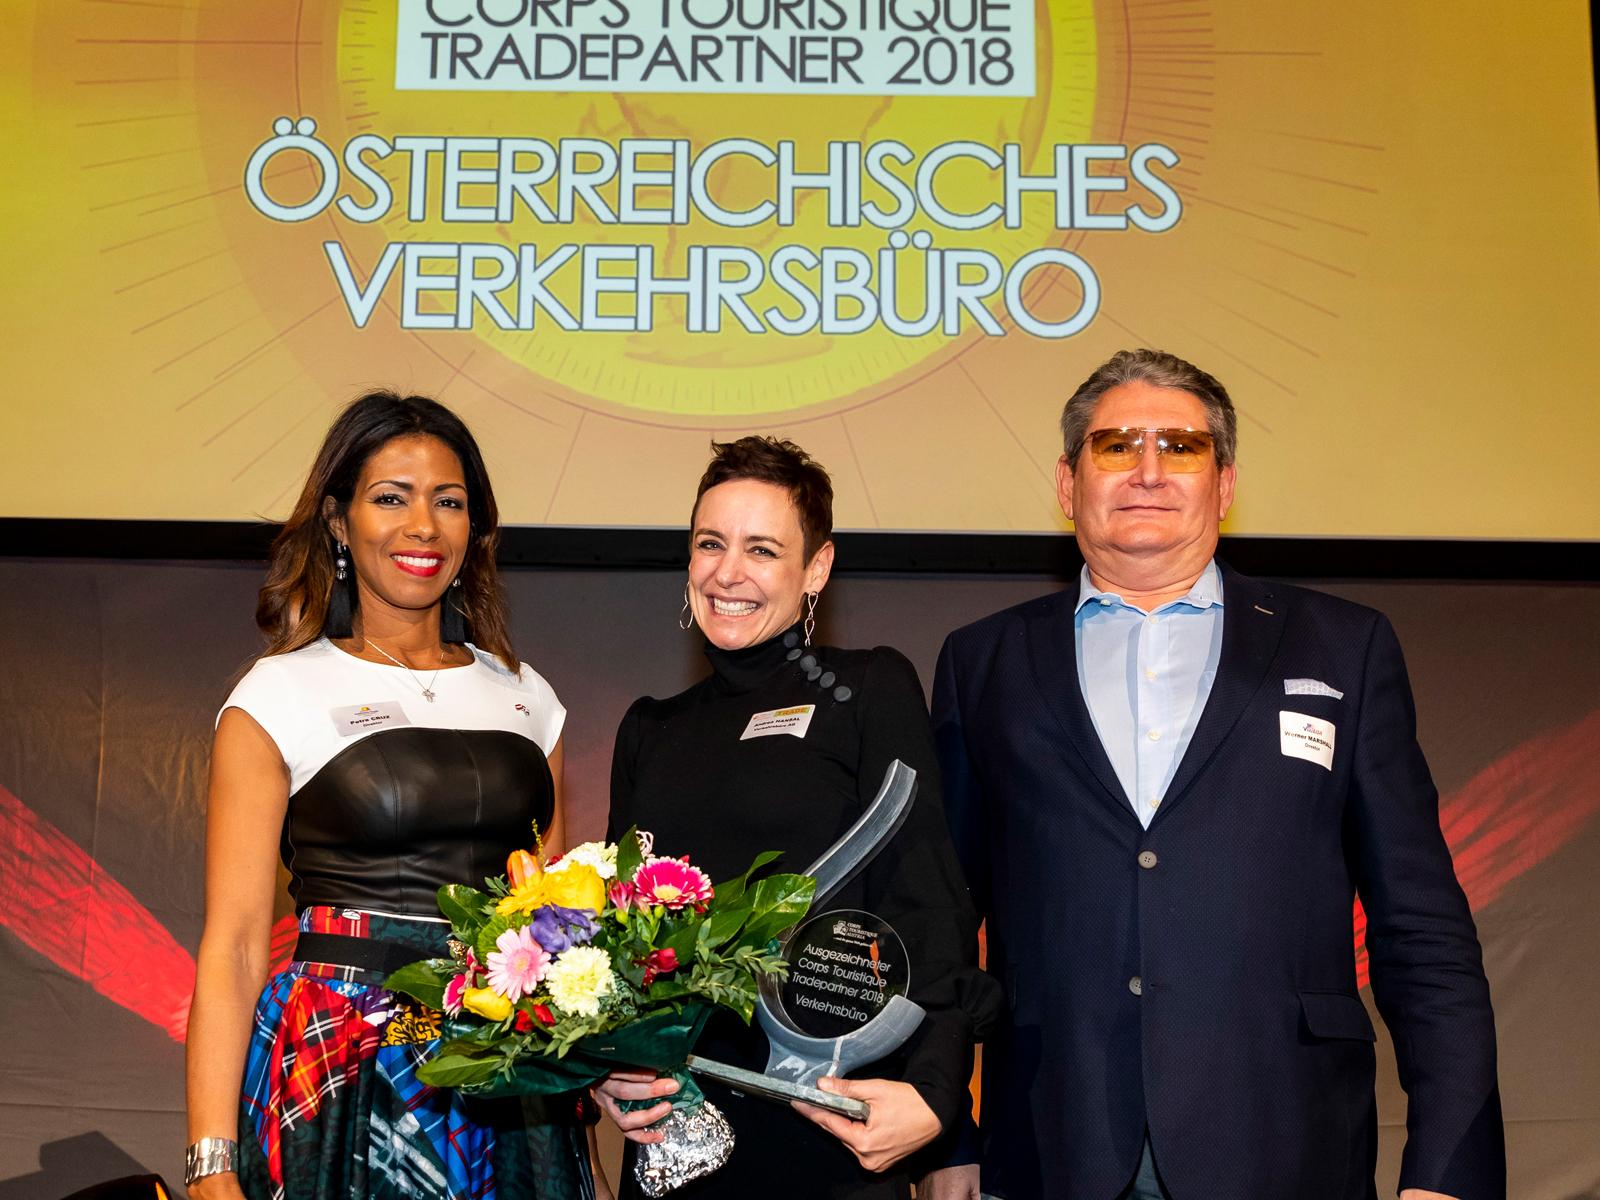 Ausgezeichneter Tradepartner 2018: Verkehrsbüro